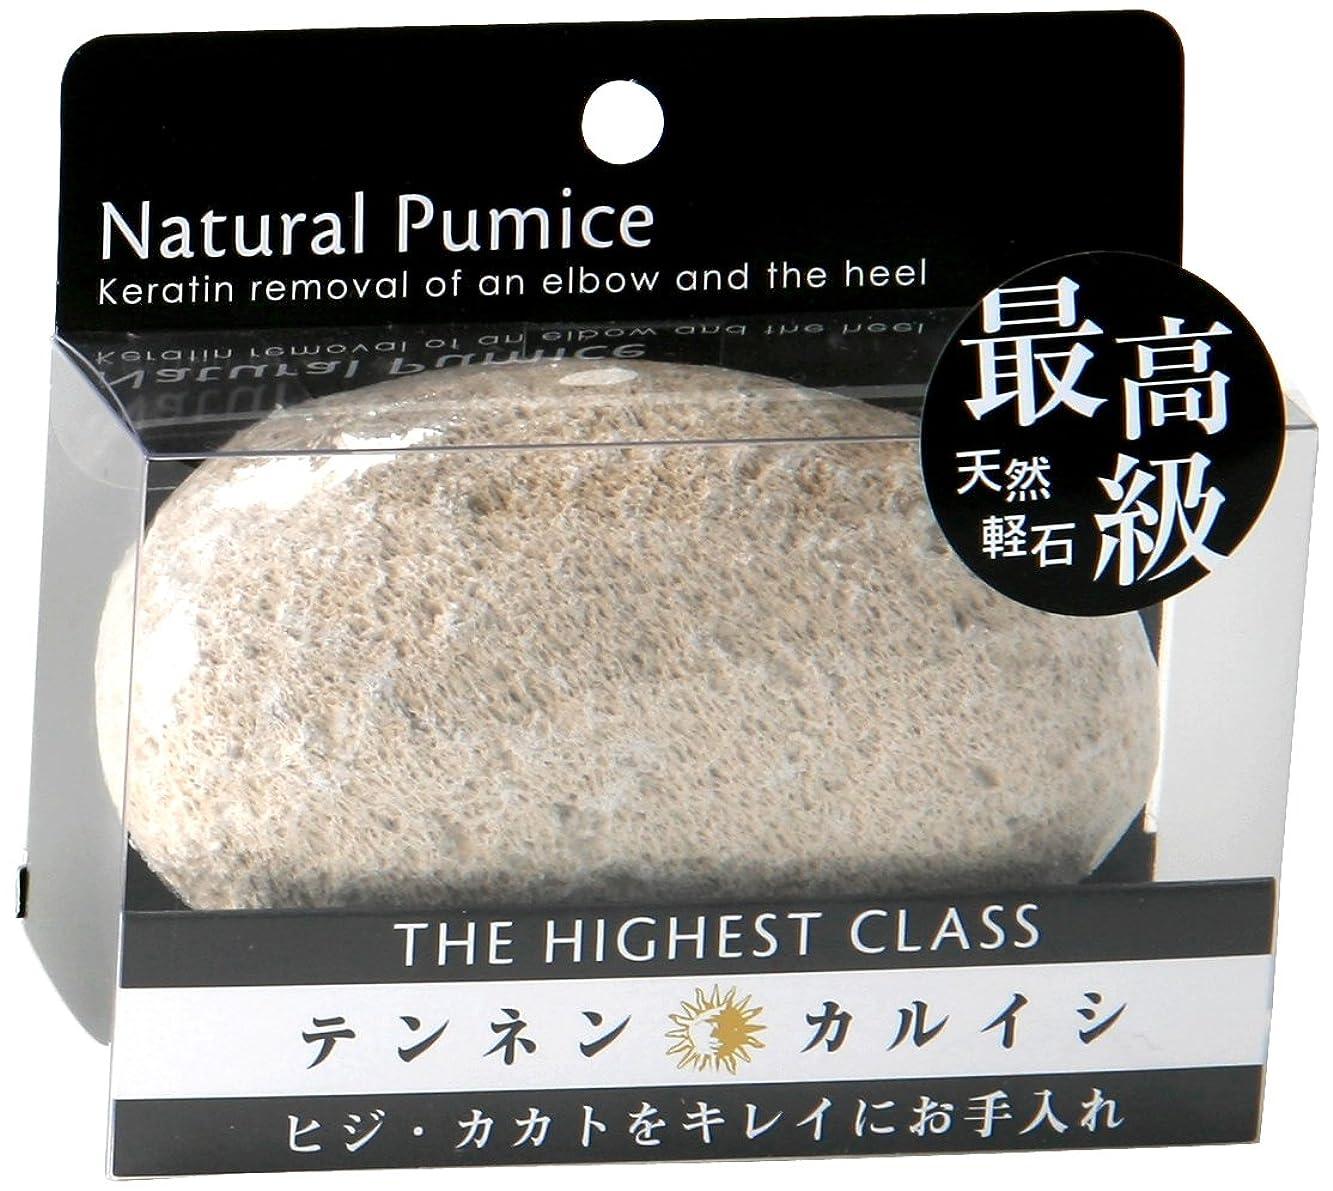 待つバリーずるい日本興業 最高級 天然 軽石